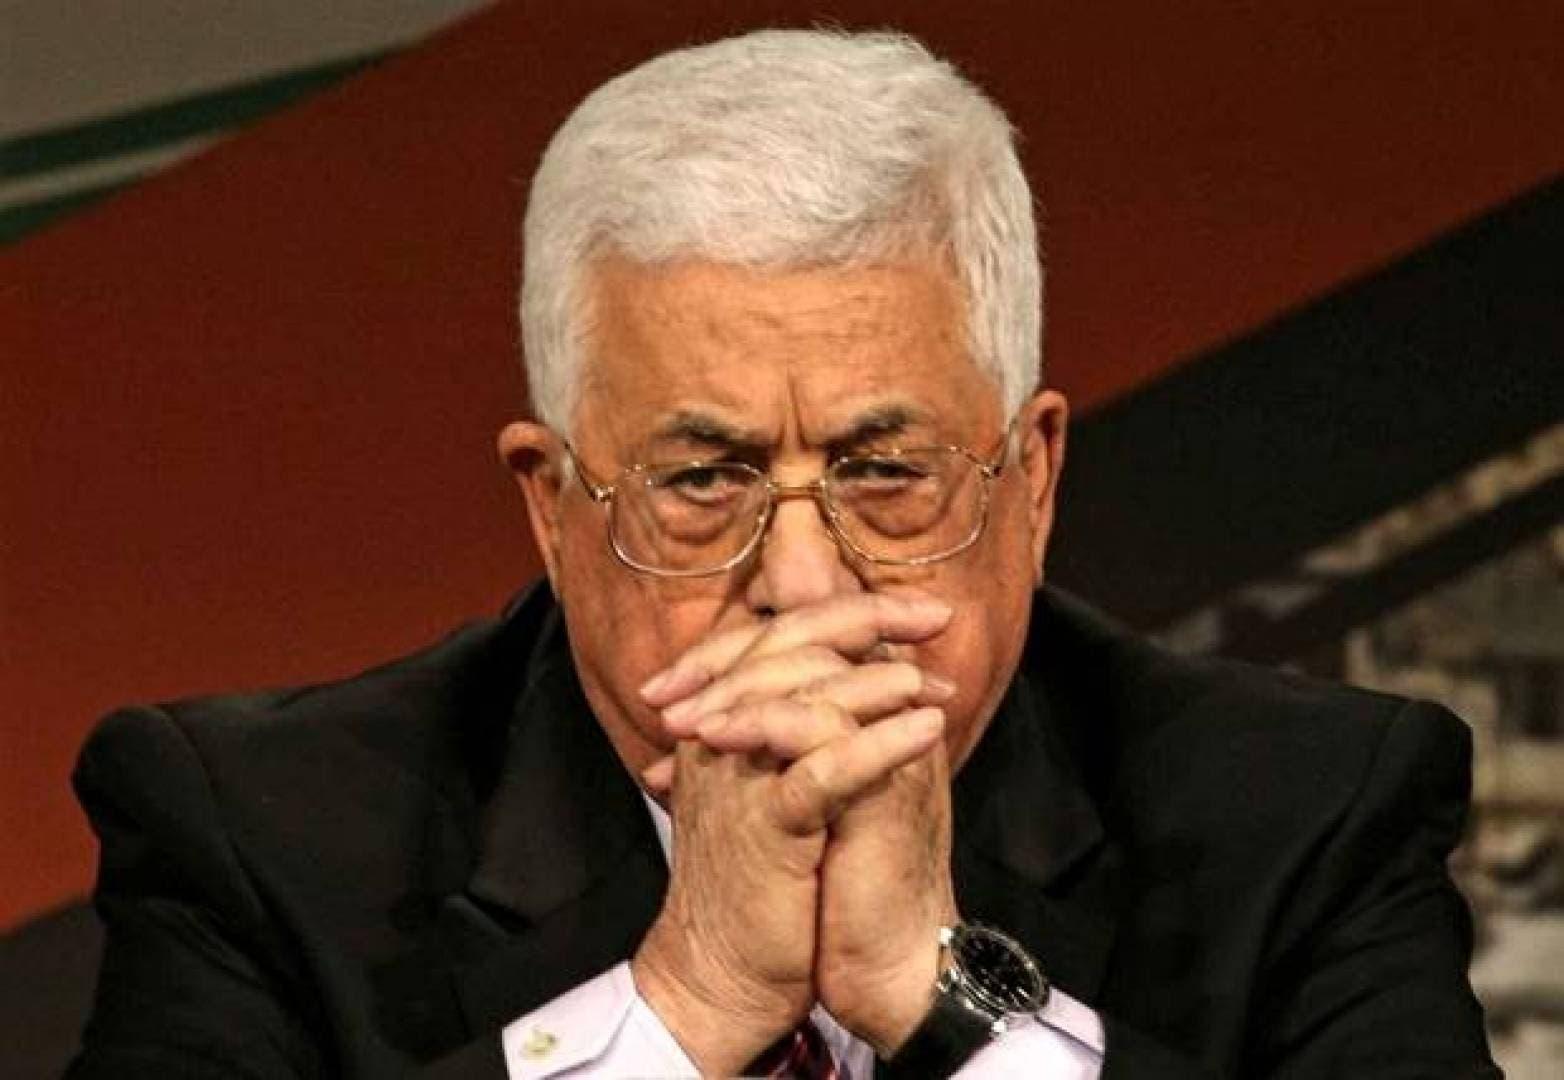 فلسطين تطلب اجتماعا طارئا للجامعة العربية لبحث صفقة القرن